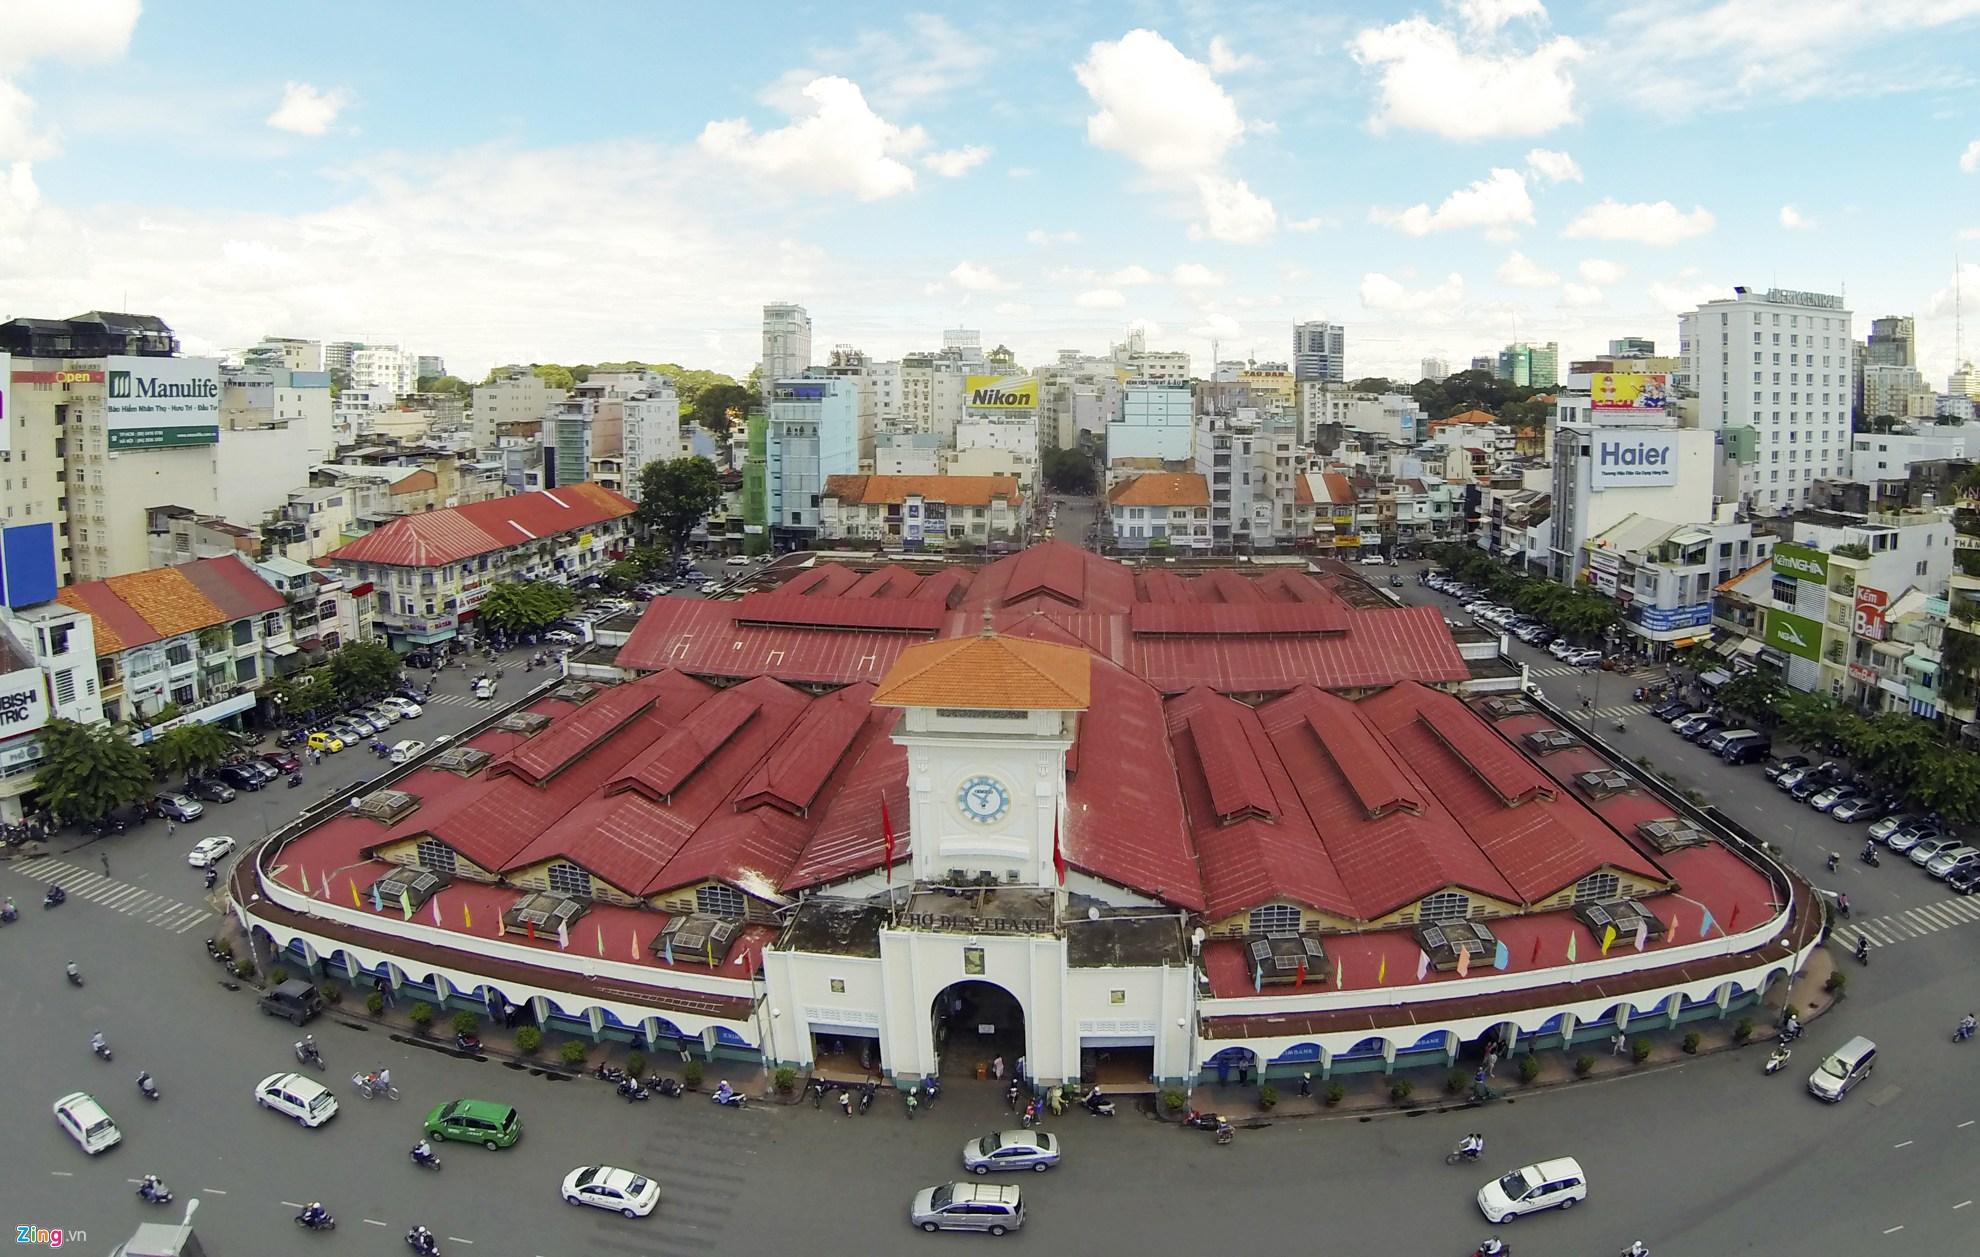 Bán khách sạn các tuyến đường trung tâm Quận 1 Quận 3 Hồ Chí Minh